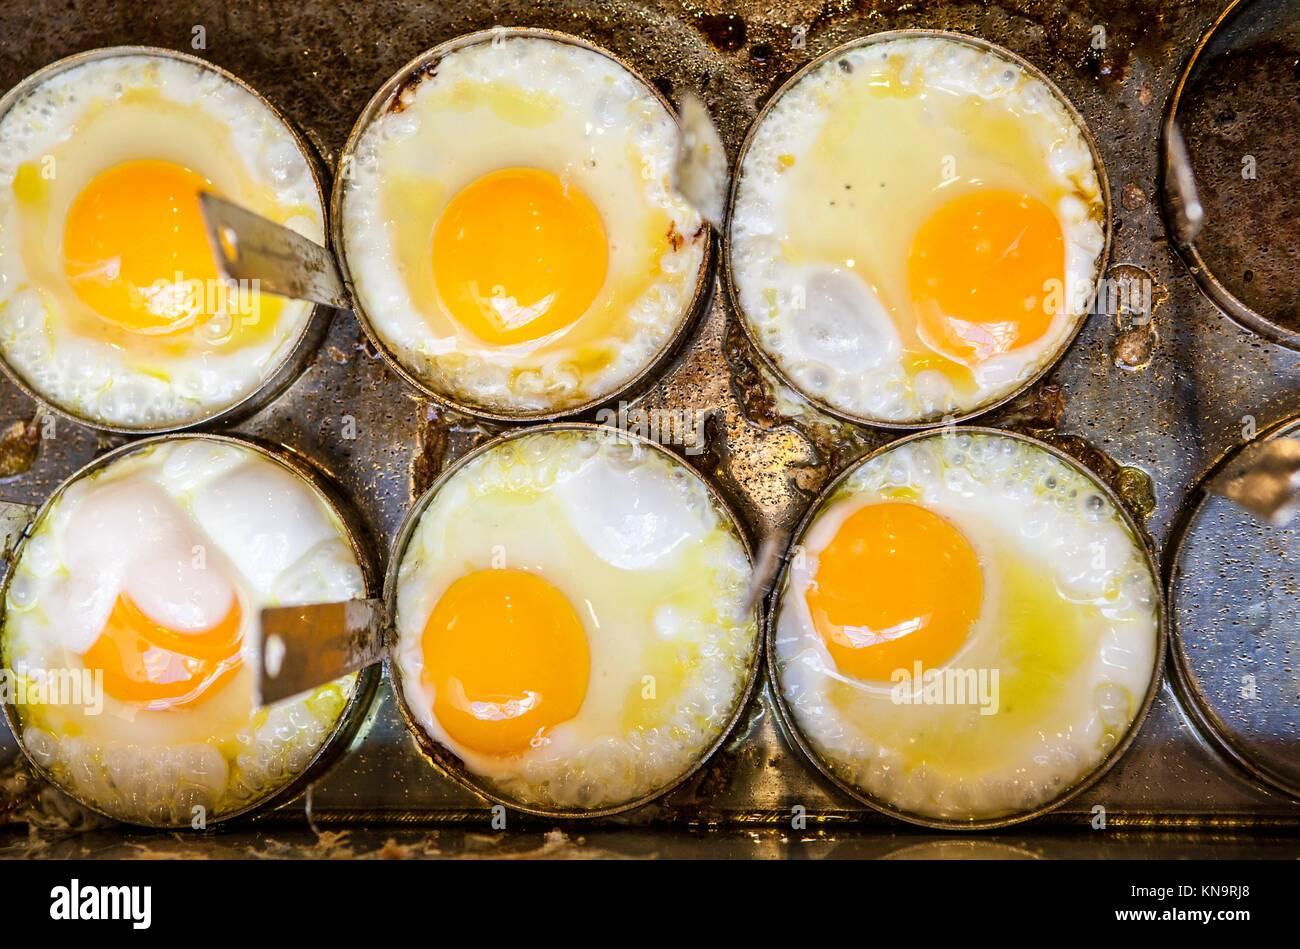 Kochen 6 Spiegeleier Mit Schimmelpilzen Auf Bratpfanne Hohe